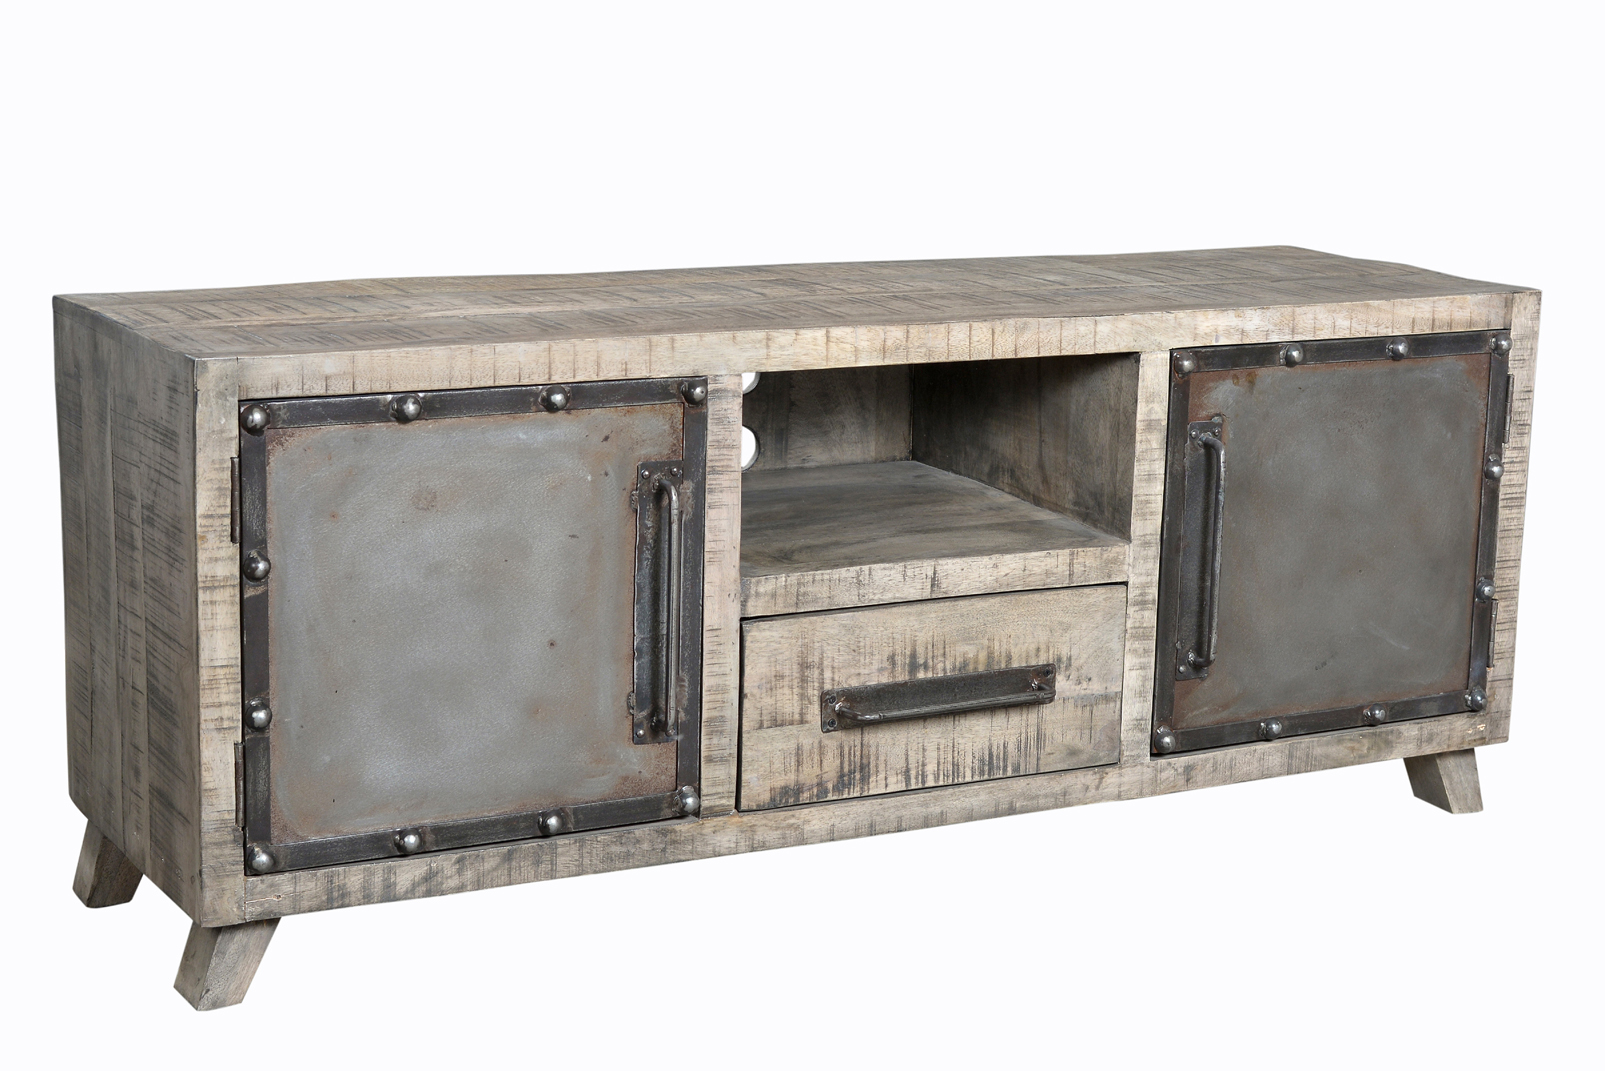 Meuble Tv Vintage Industriel Metal Bois 2 Portes 1 Tiroir Le  # Meuble Industriel Bois Et Metal